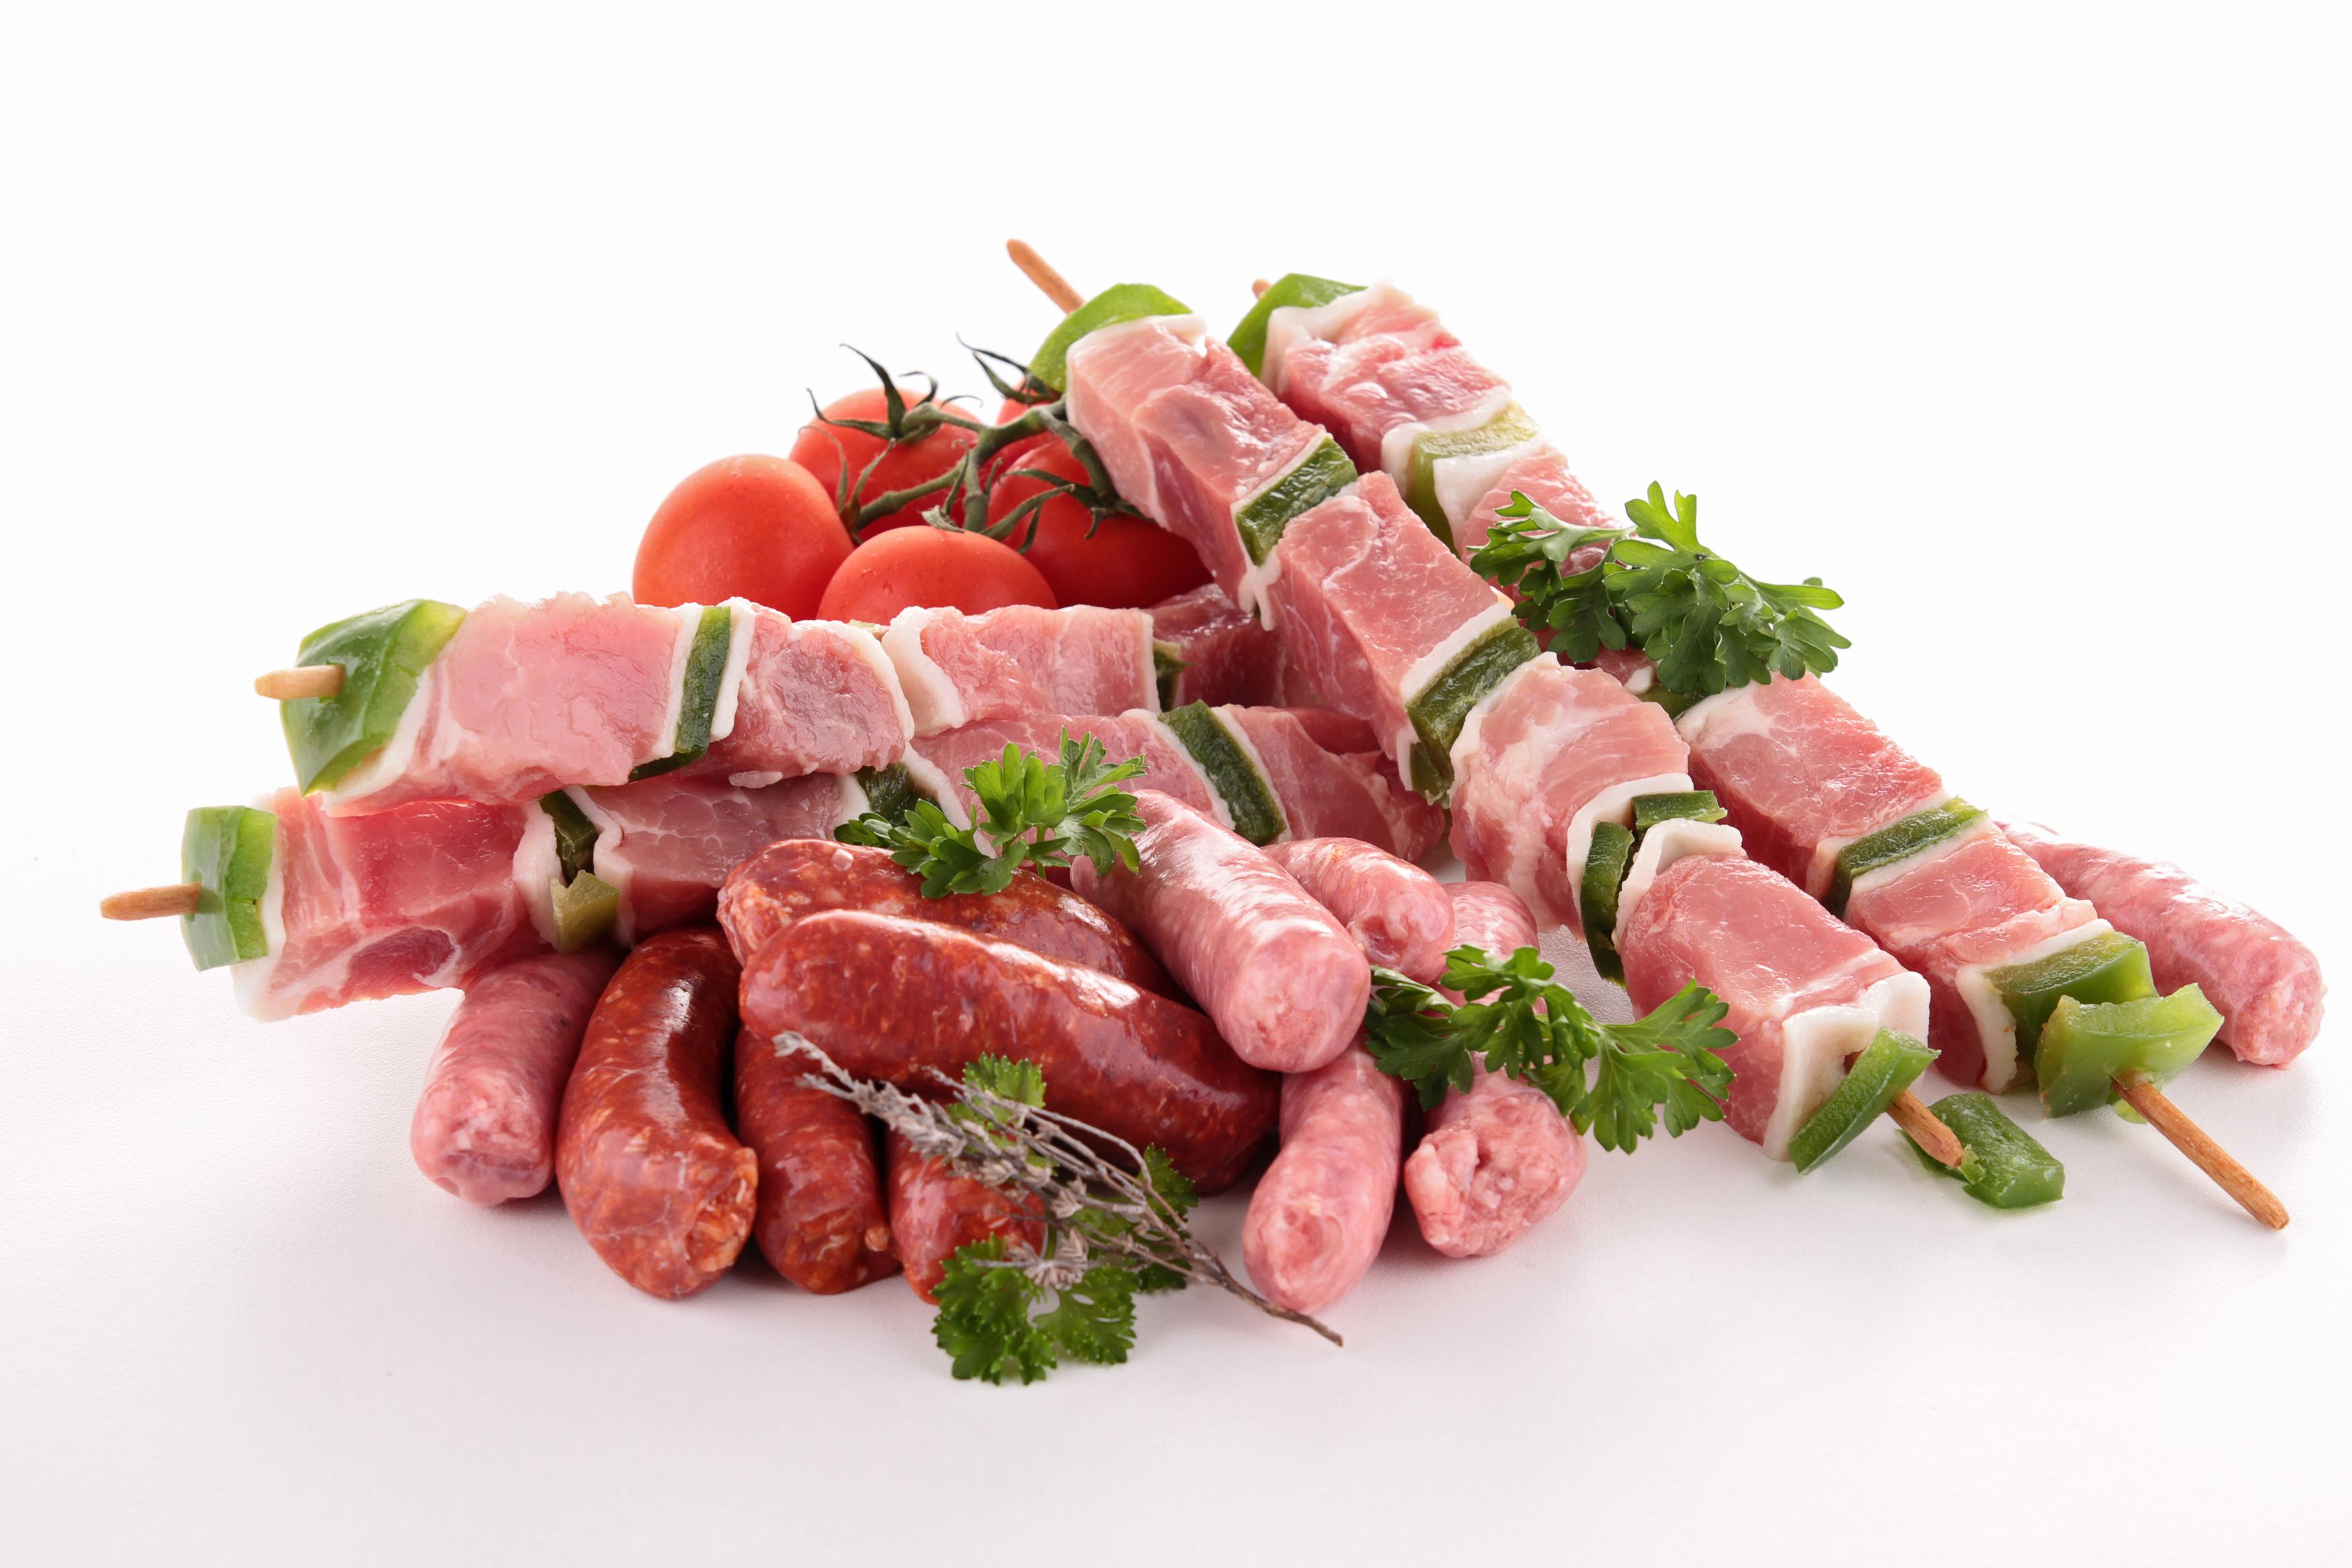 Шашлык, барбекью, фото, мясо, говядина, скачать фото